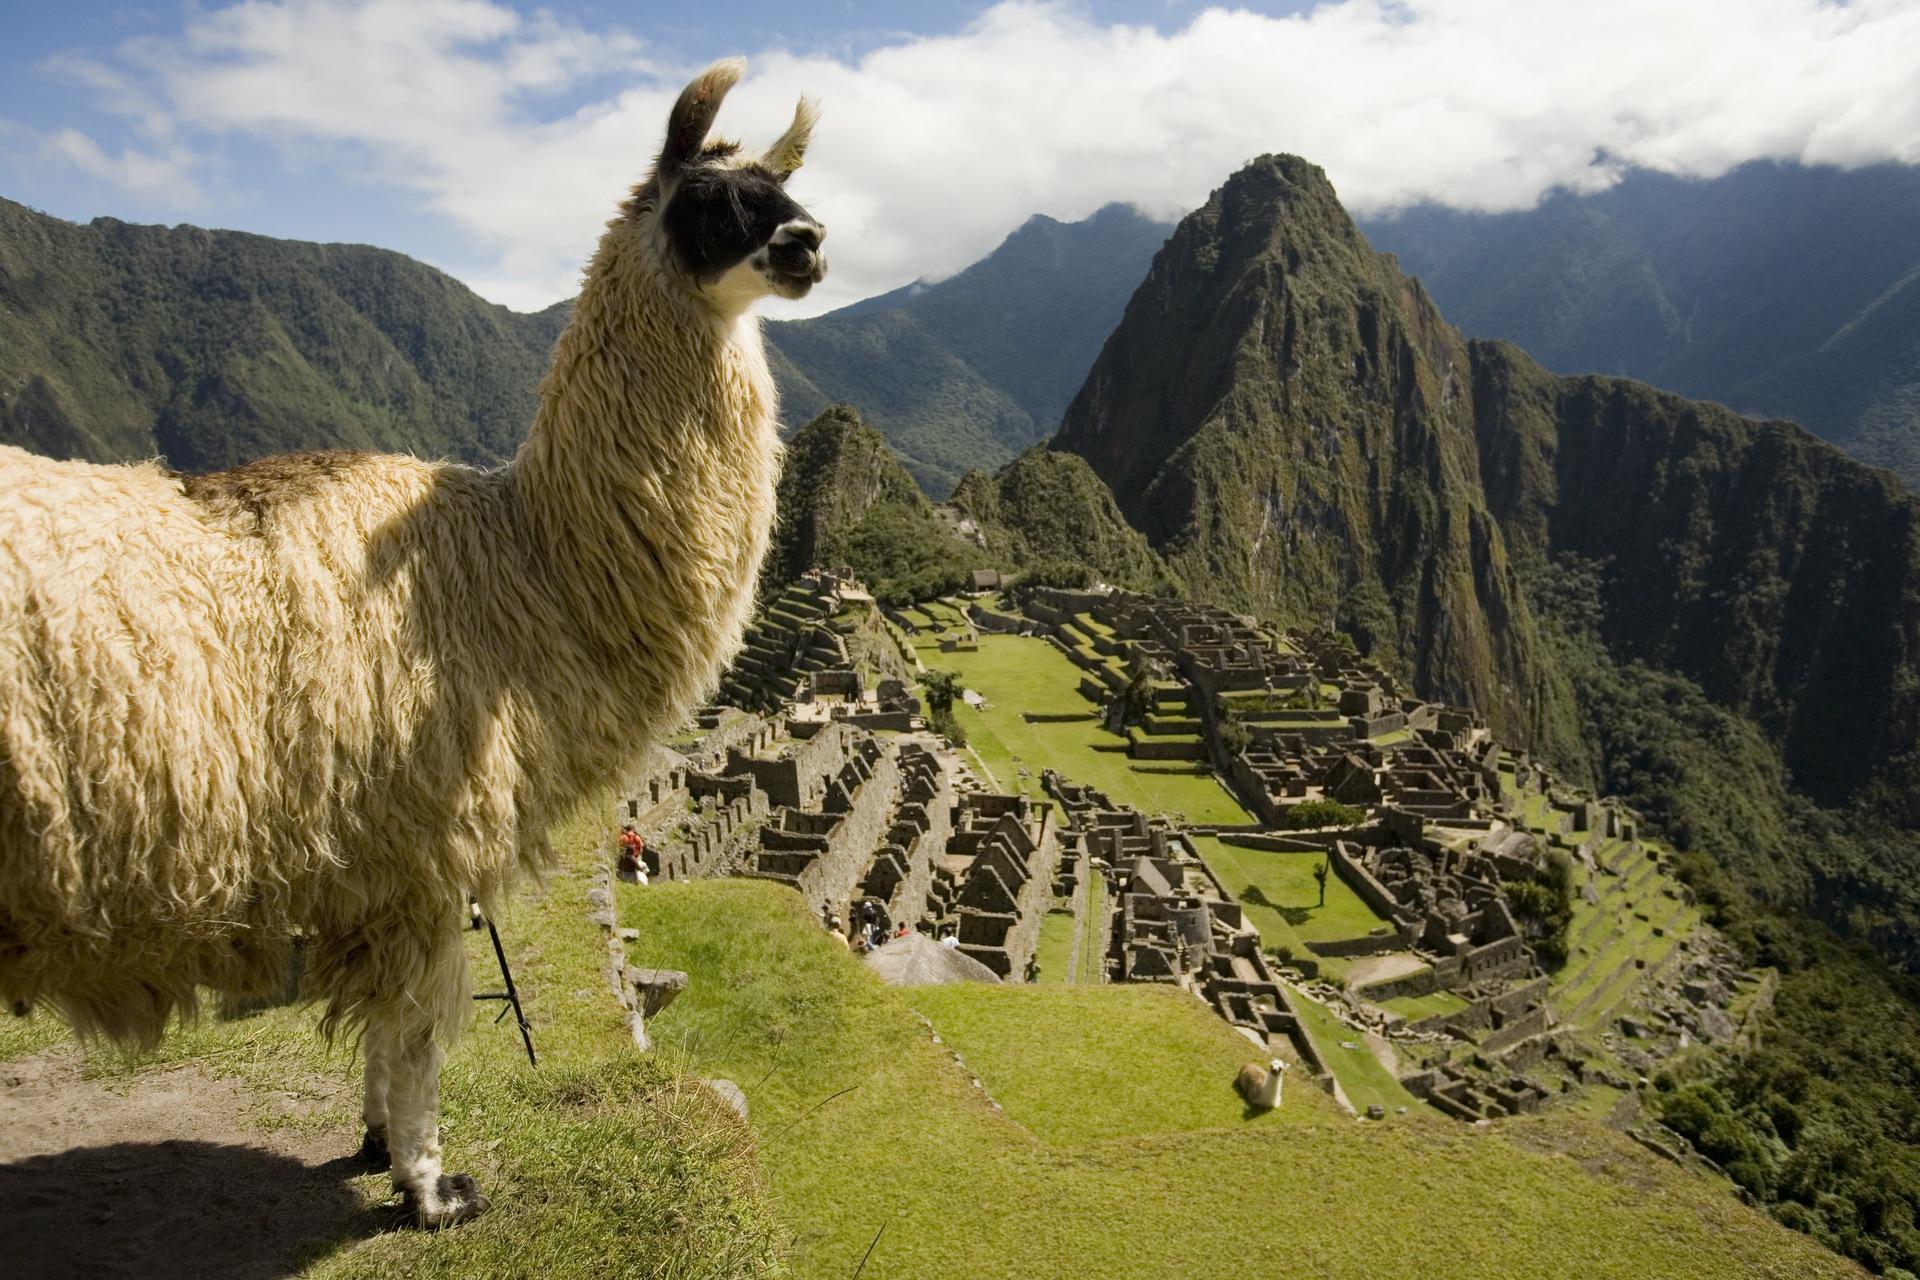 The impressive Machu Picchu